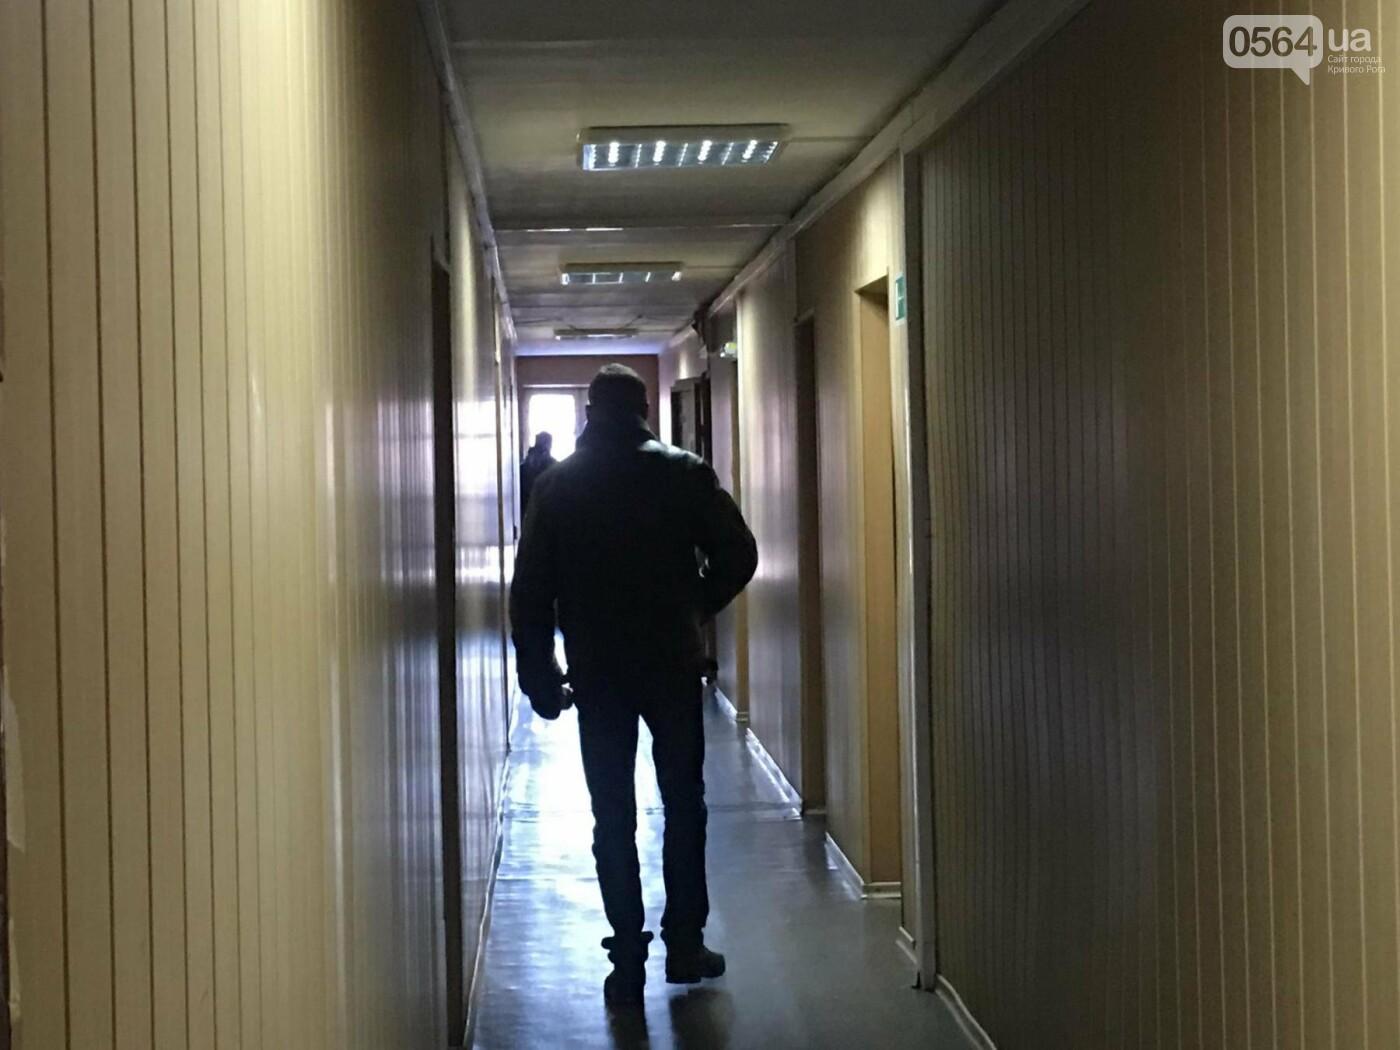 Дело о надругательстве над Флагом в Кривом Роге: Важного свидетеля доставят в суд принудительно (ОБНОВЛЕНО, ФОТО), фото-20